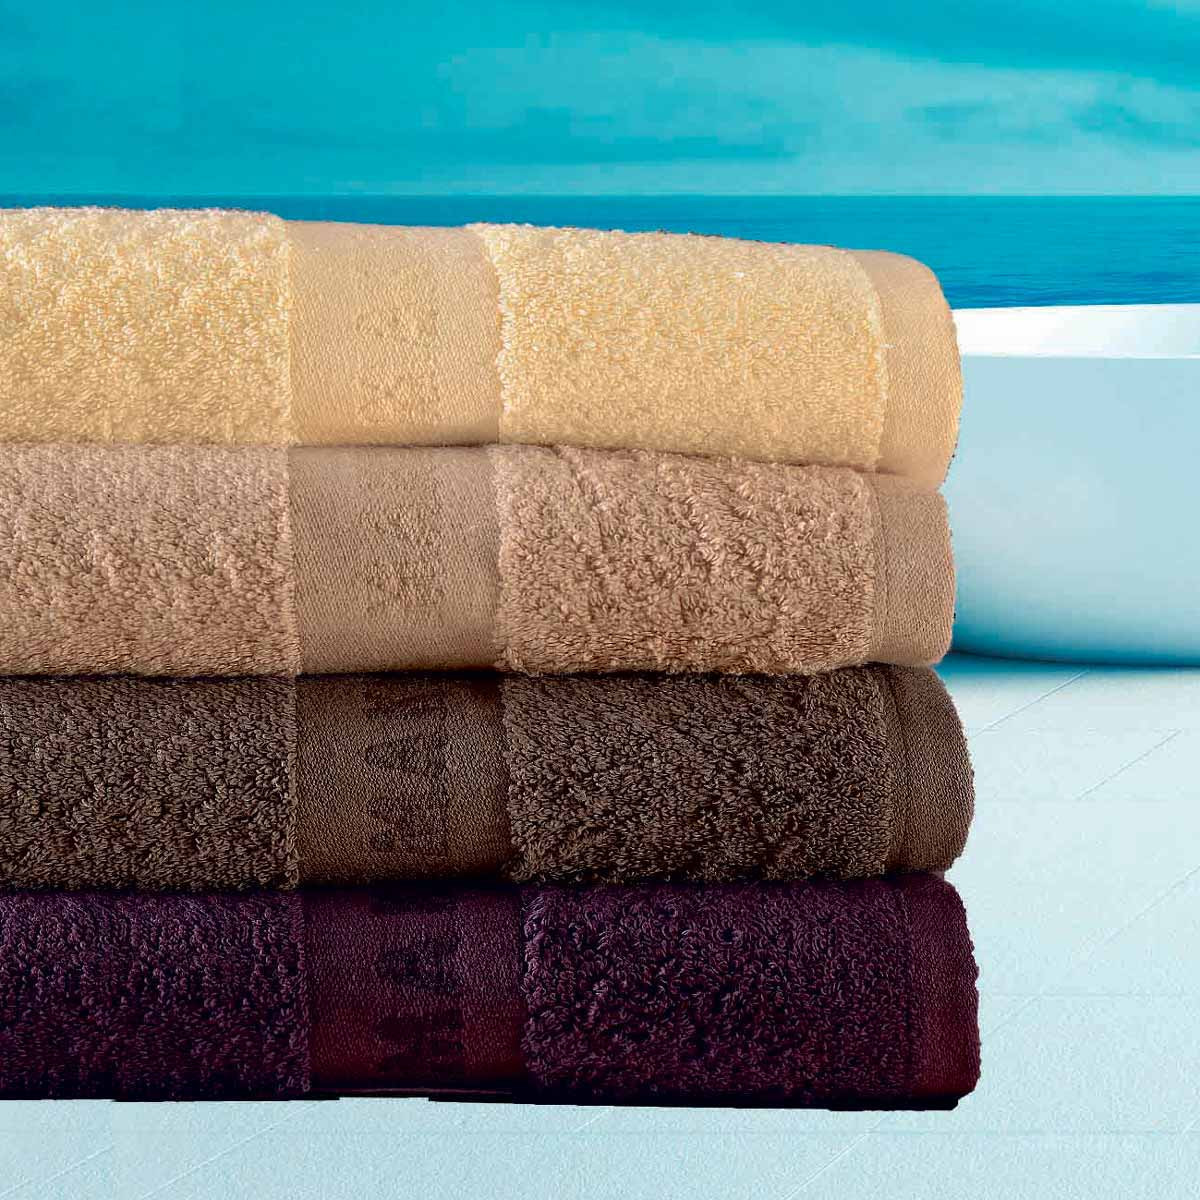 Πετσέτες Προσώπου (Σετ 4τμχ) Makis Tselios Chic No1